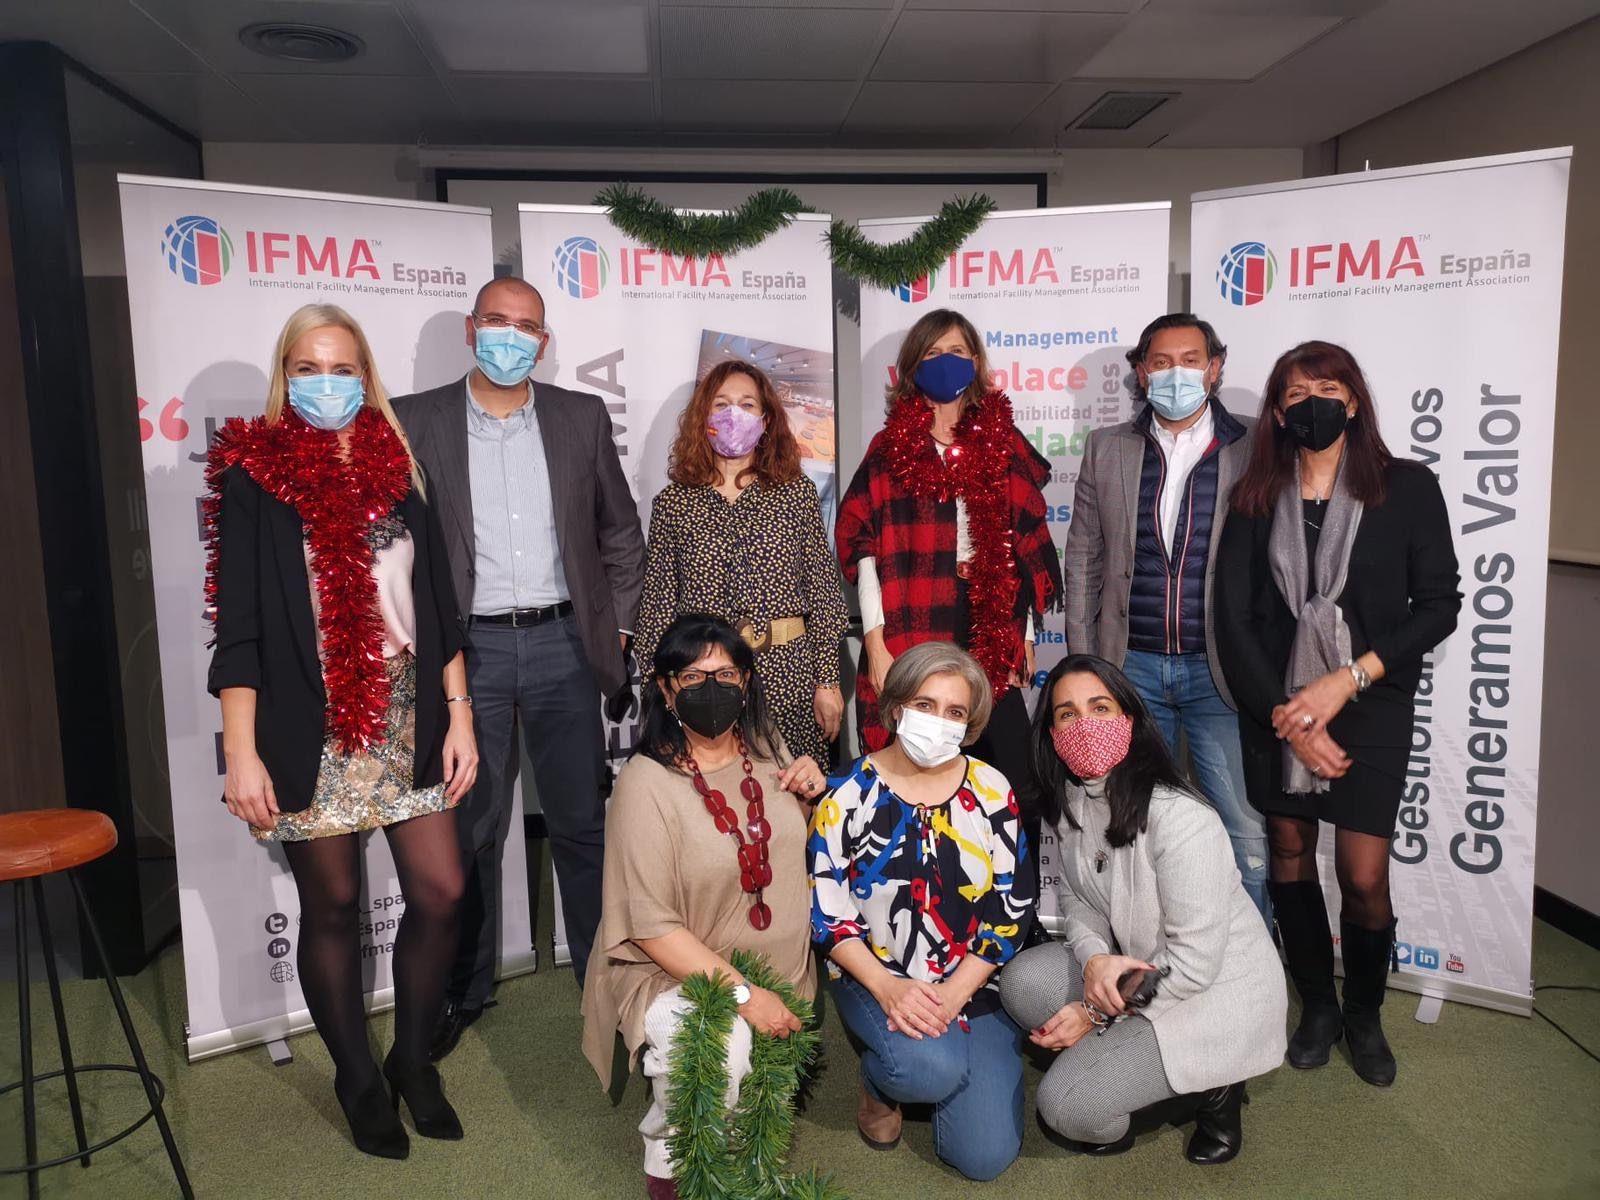 Foto de Miembros de Junta Directivo y Personal Laboral de IFMA España